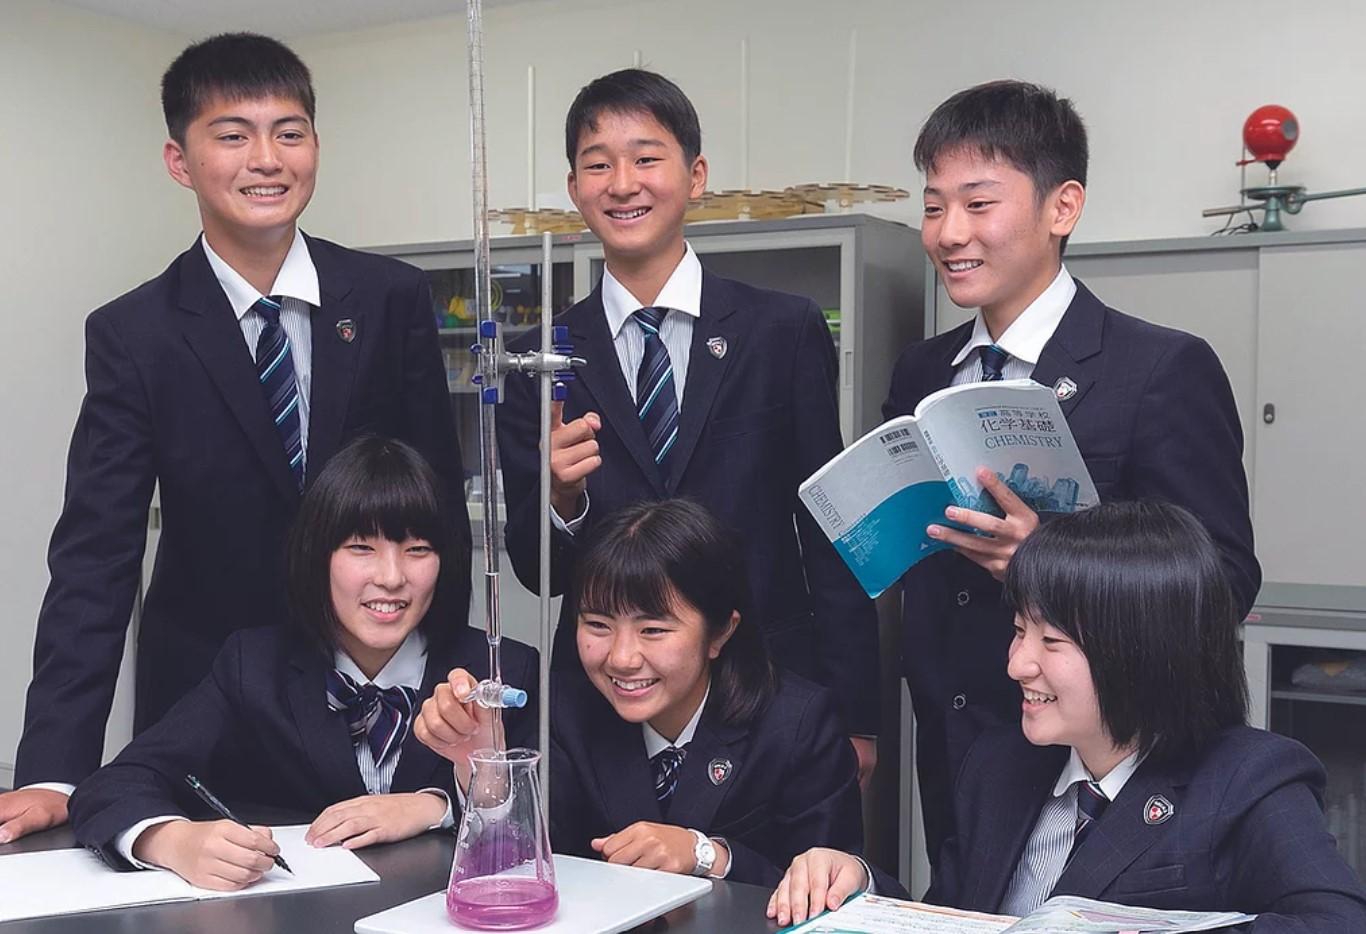 日本文理大学附属高等学校 大分県 制服買取